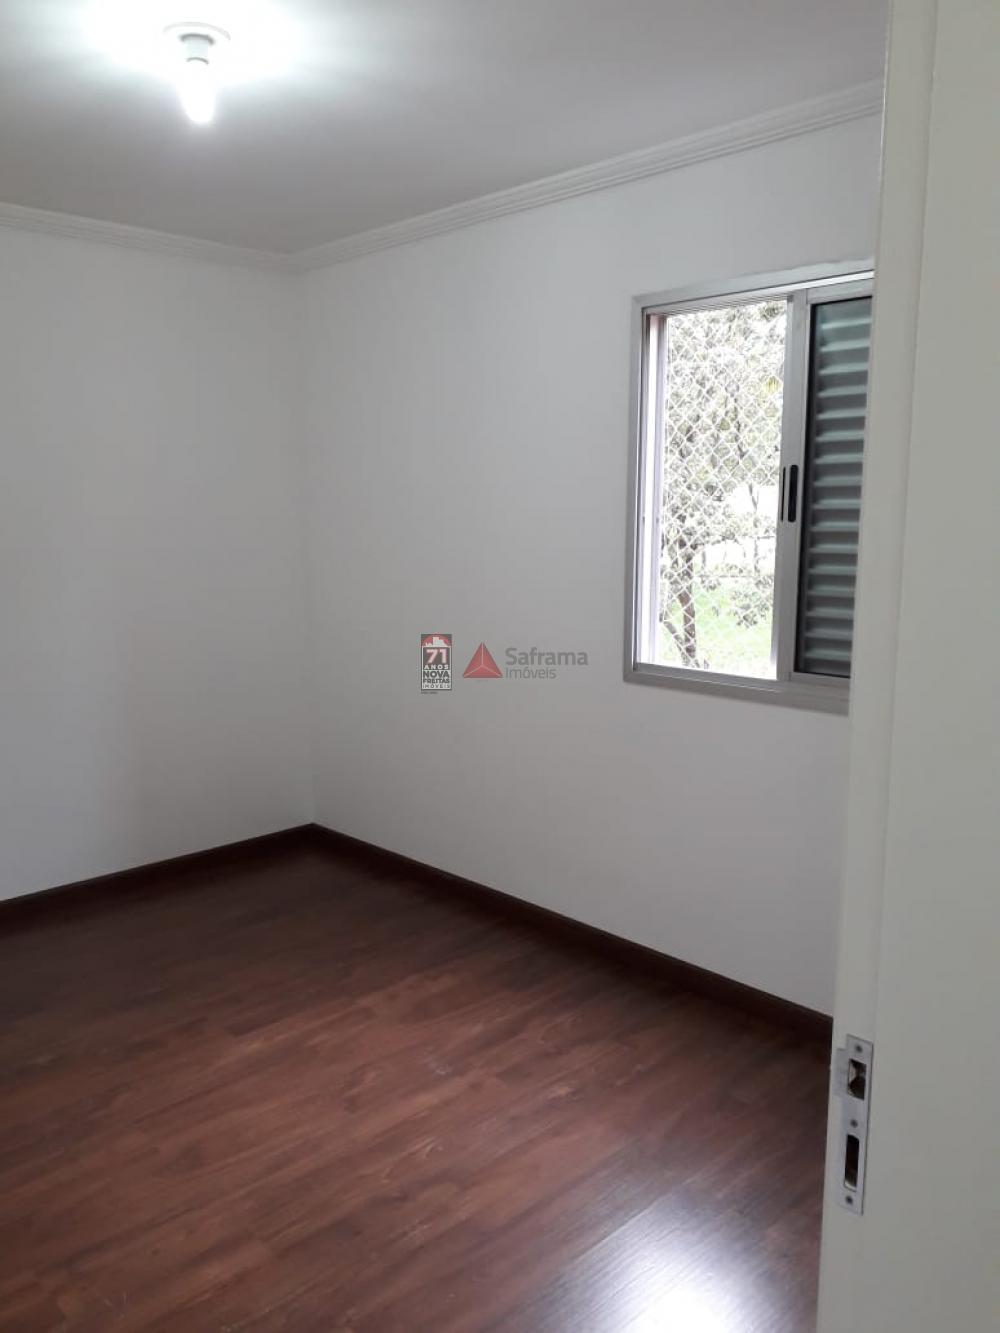 Comprar Apartamento / Padrão em São José dos Campos apenas R$ 330.000,00 - Foto 12